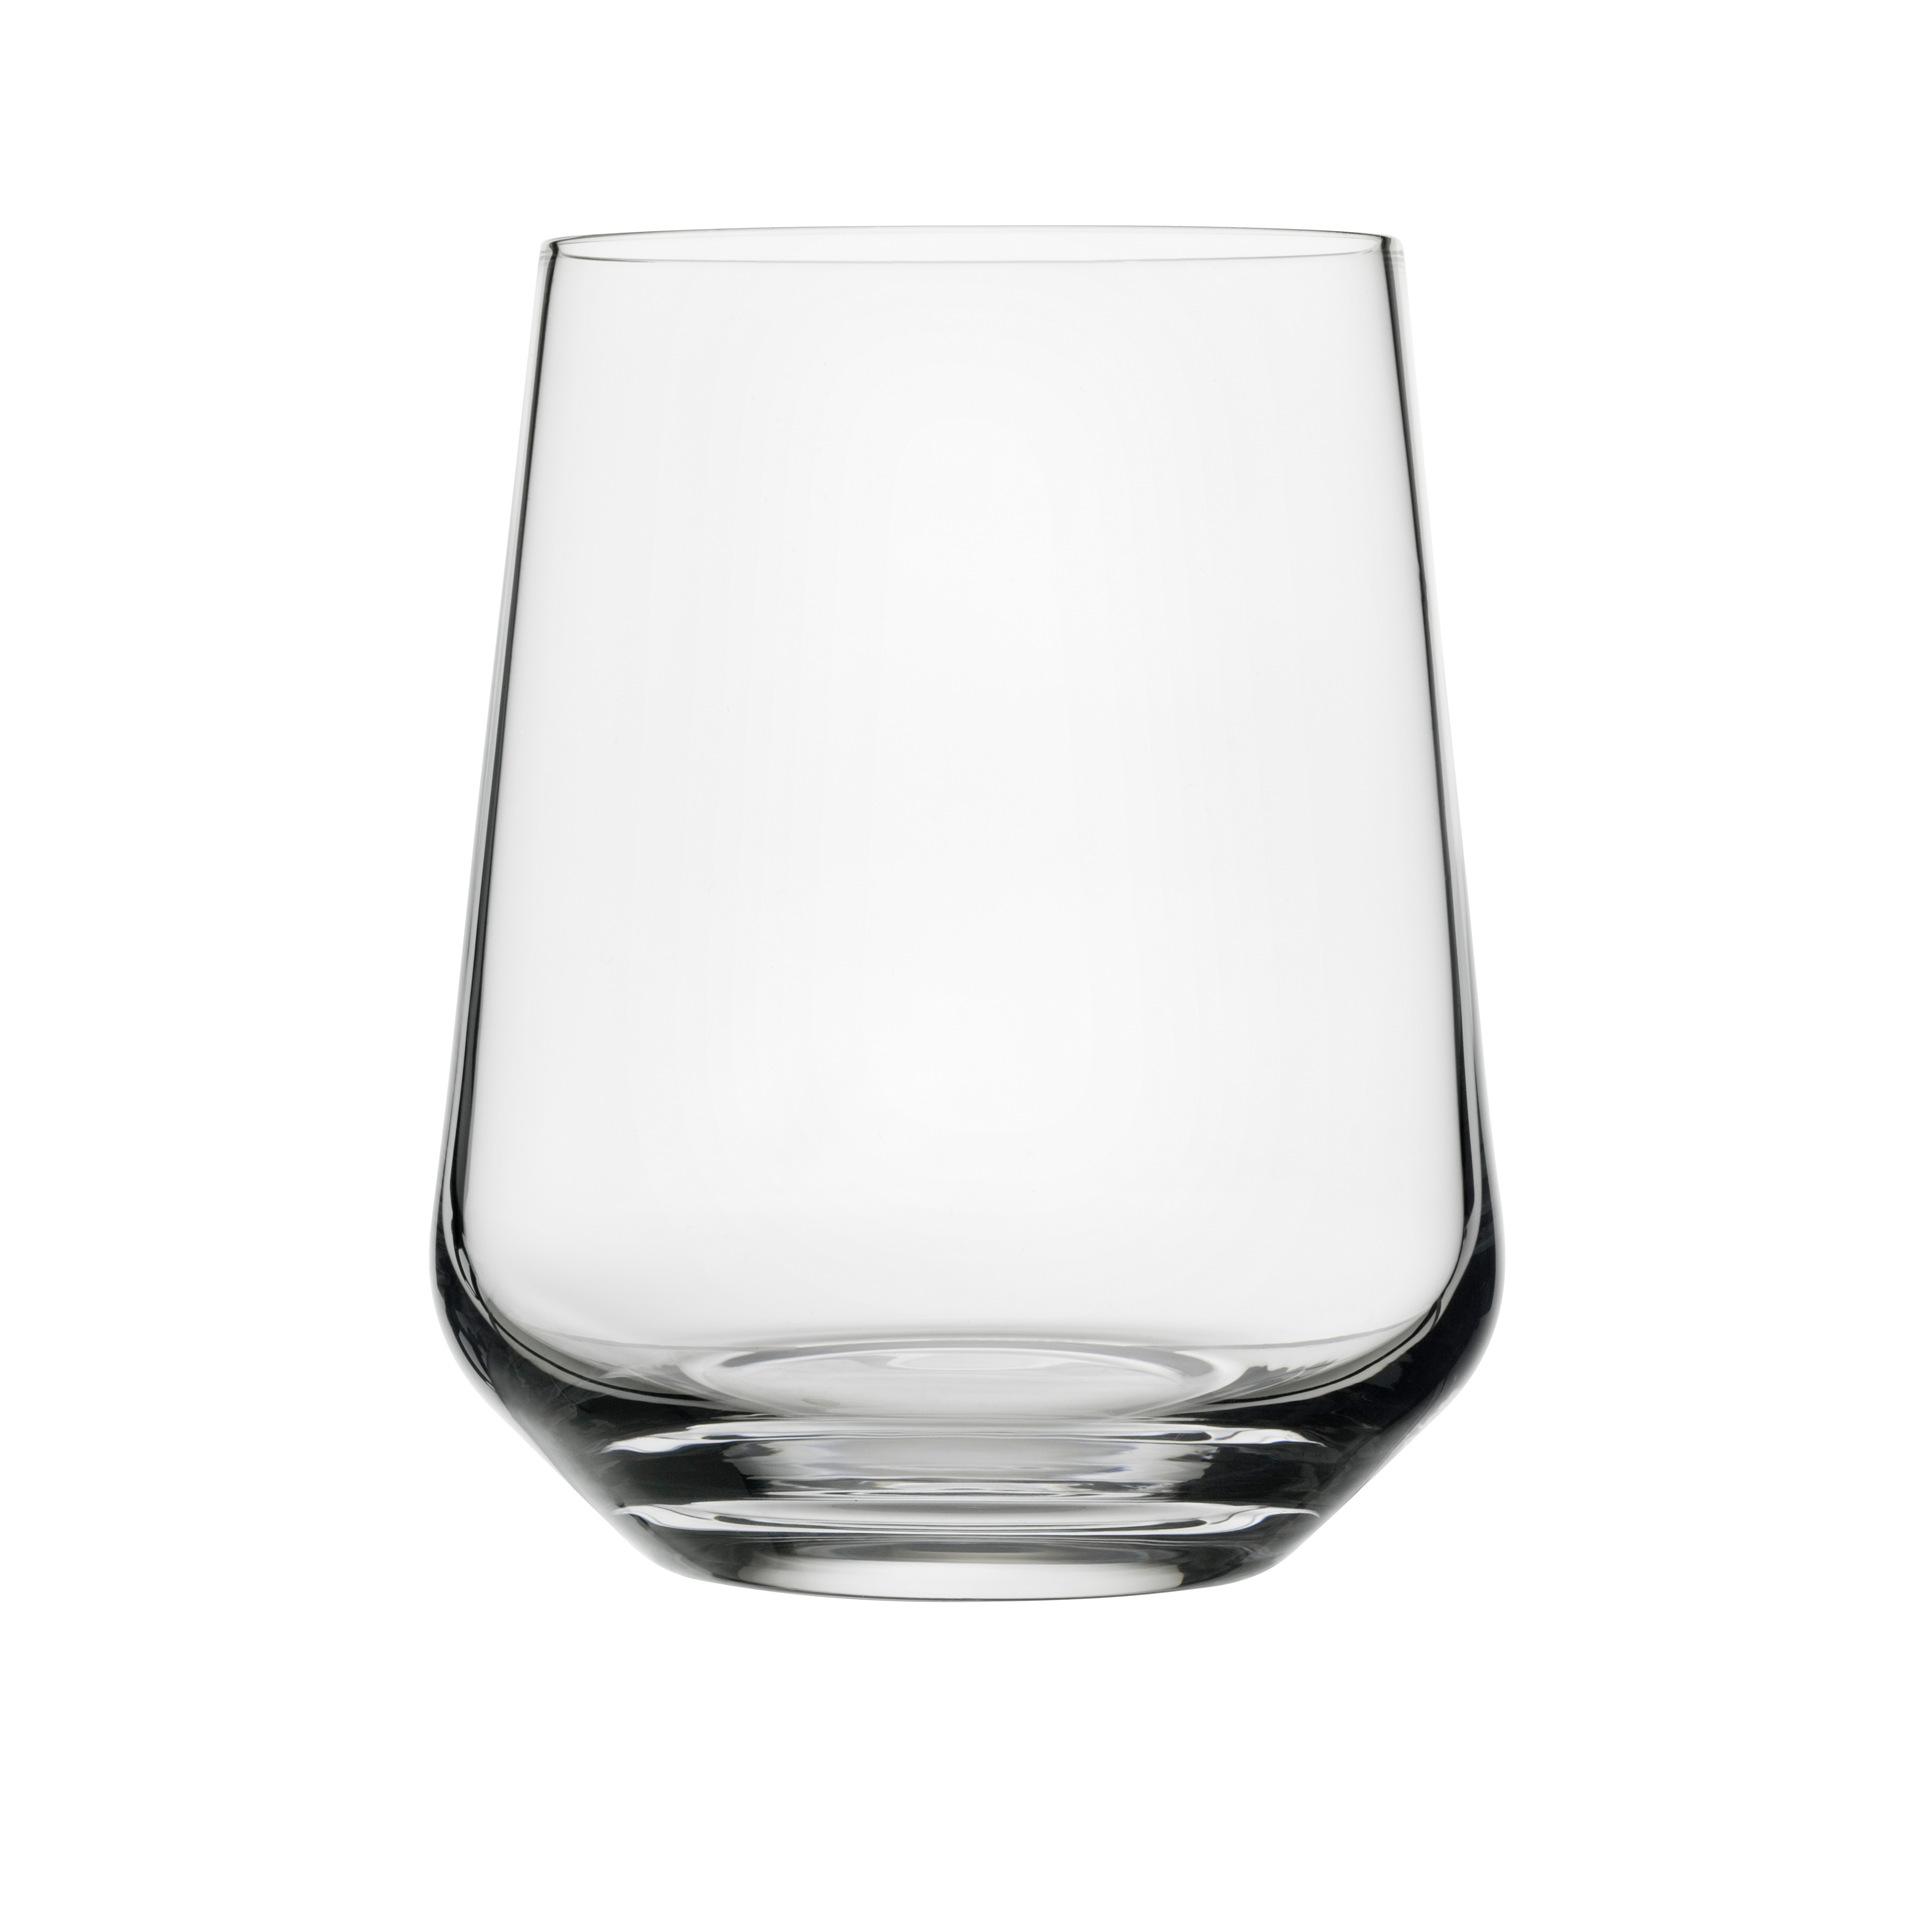 Essence klaas